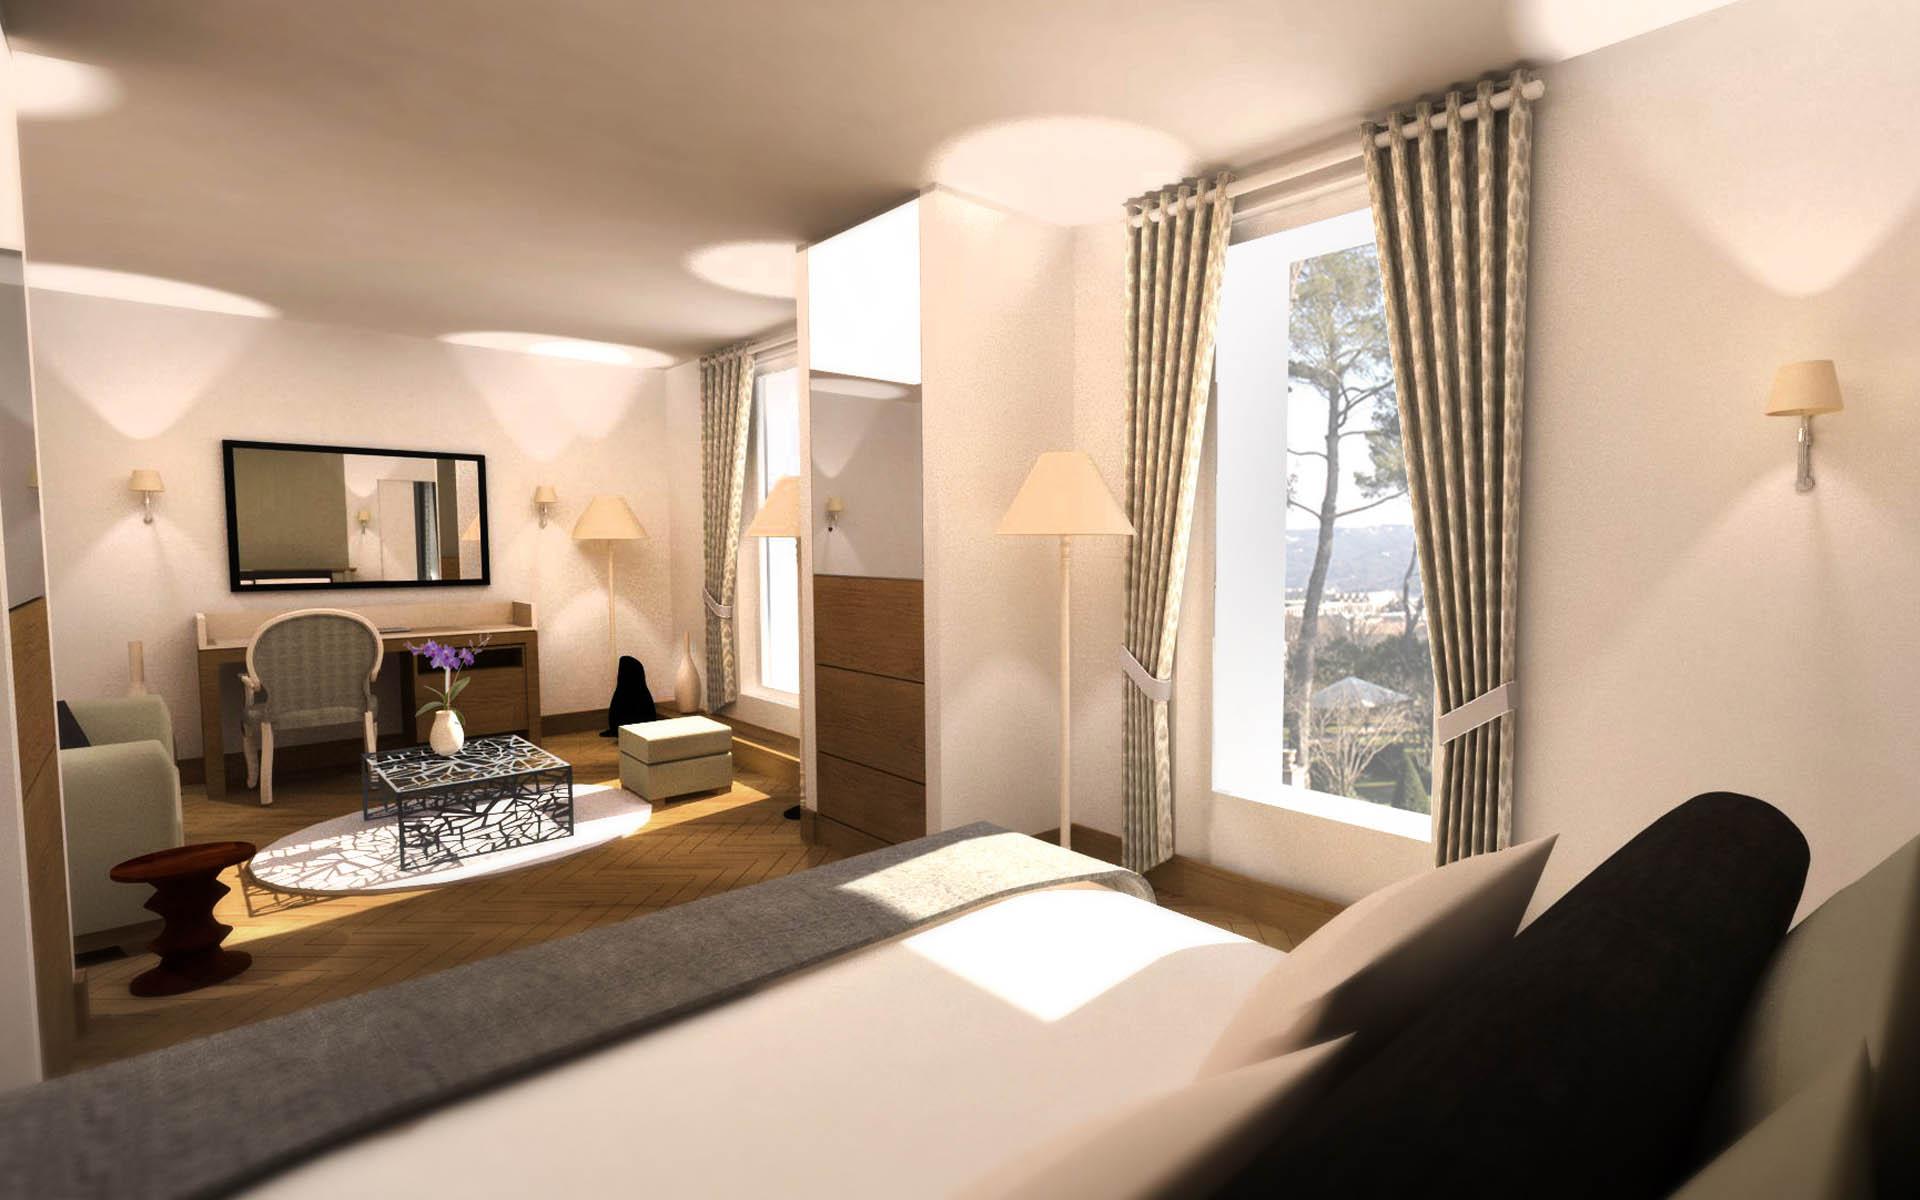 Architecte intérieur Hotel - Aix en provence 24